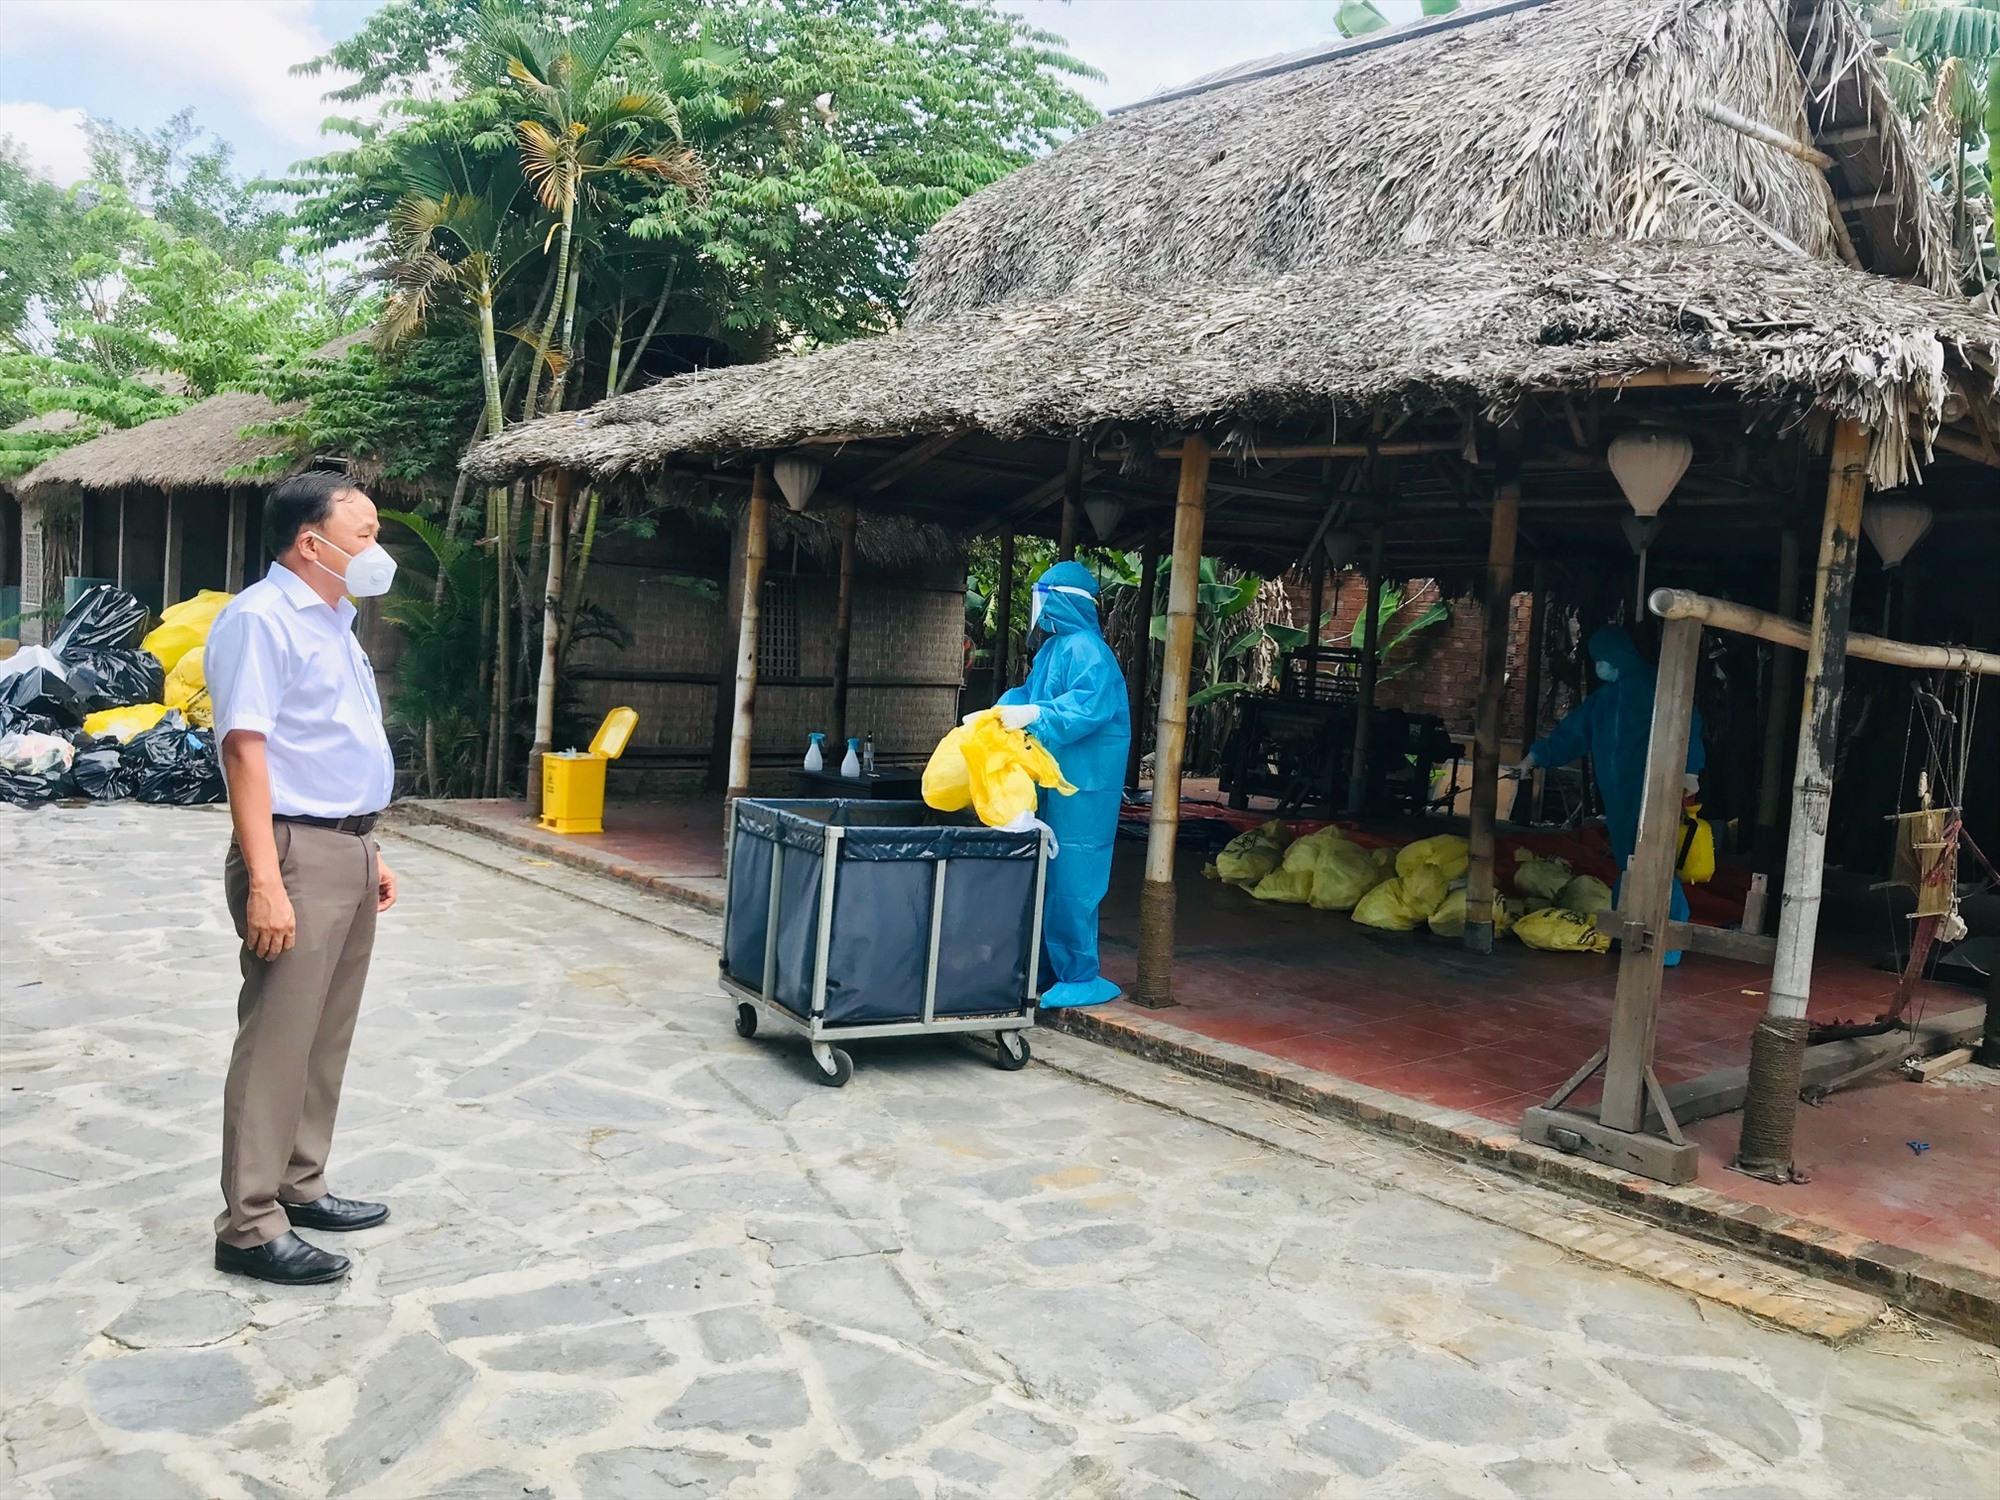 Giám đốc Sở Y tế Mai Văn Mười kiểm tra quy trình xử lý rác thải tại một khách sạn đang đón khách cách ly tập trung có thu phí. Ảnh: Q.T